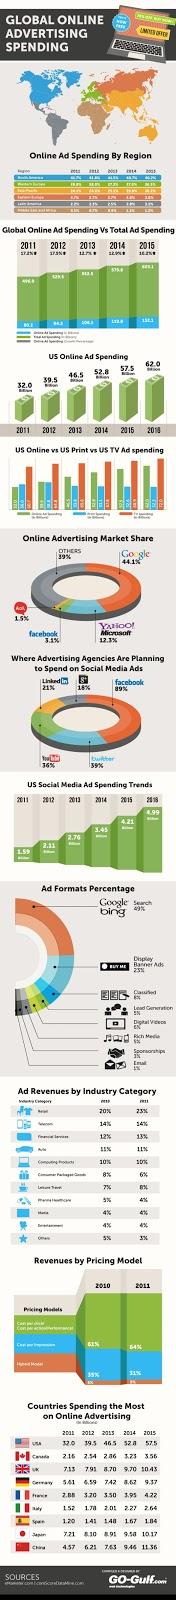 online ads spending